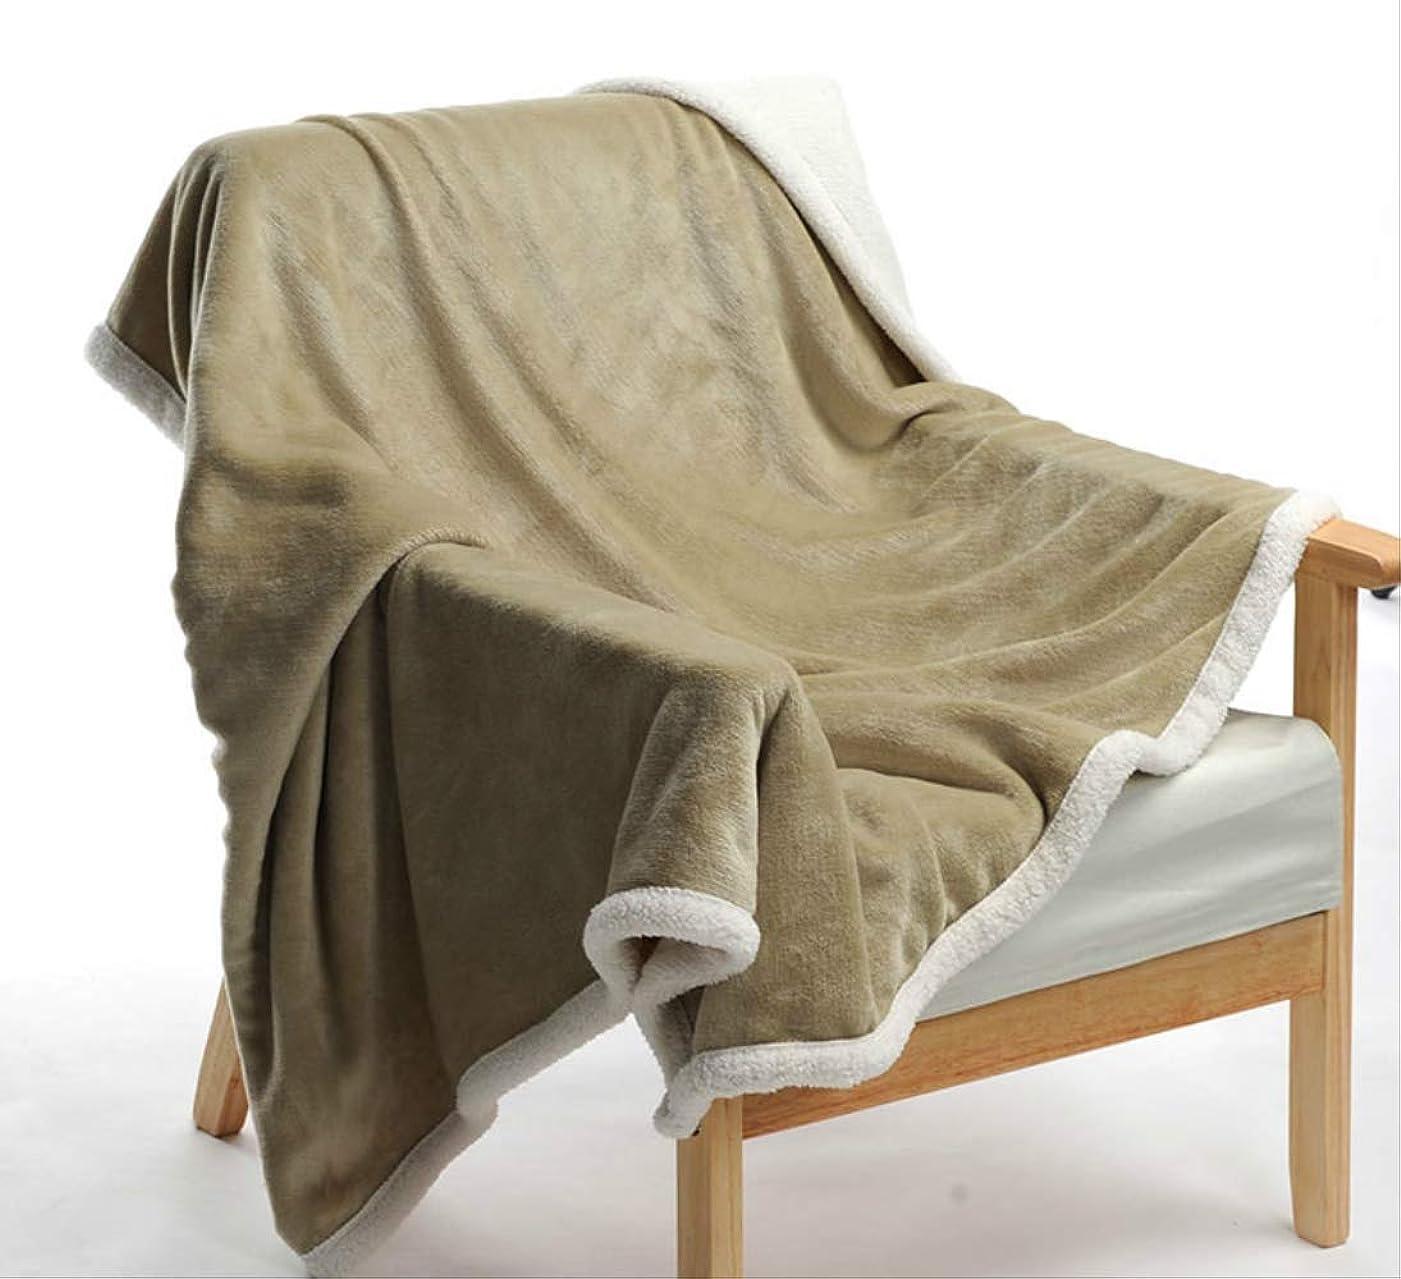 余計な廃止レンズRRSHUN シングル ブランケット毛布二重層ラムカシミヤ毛布シェルパ秋と冬の肥厚オフィスランチ休憩昼寝小さな毛布フランネルキルト120×80 cm黄緑